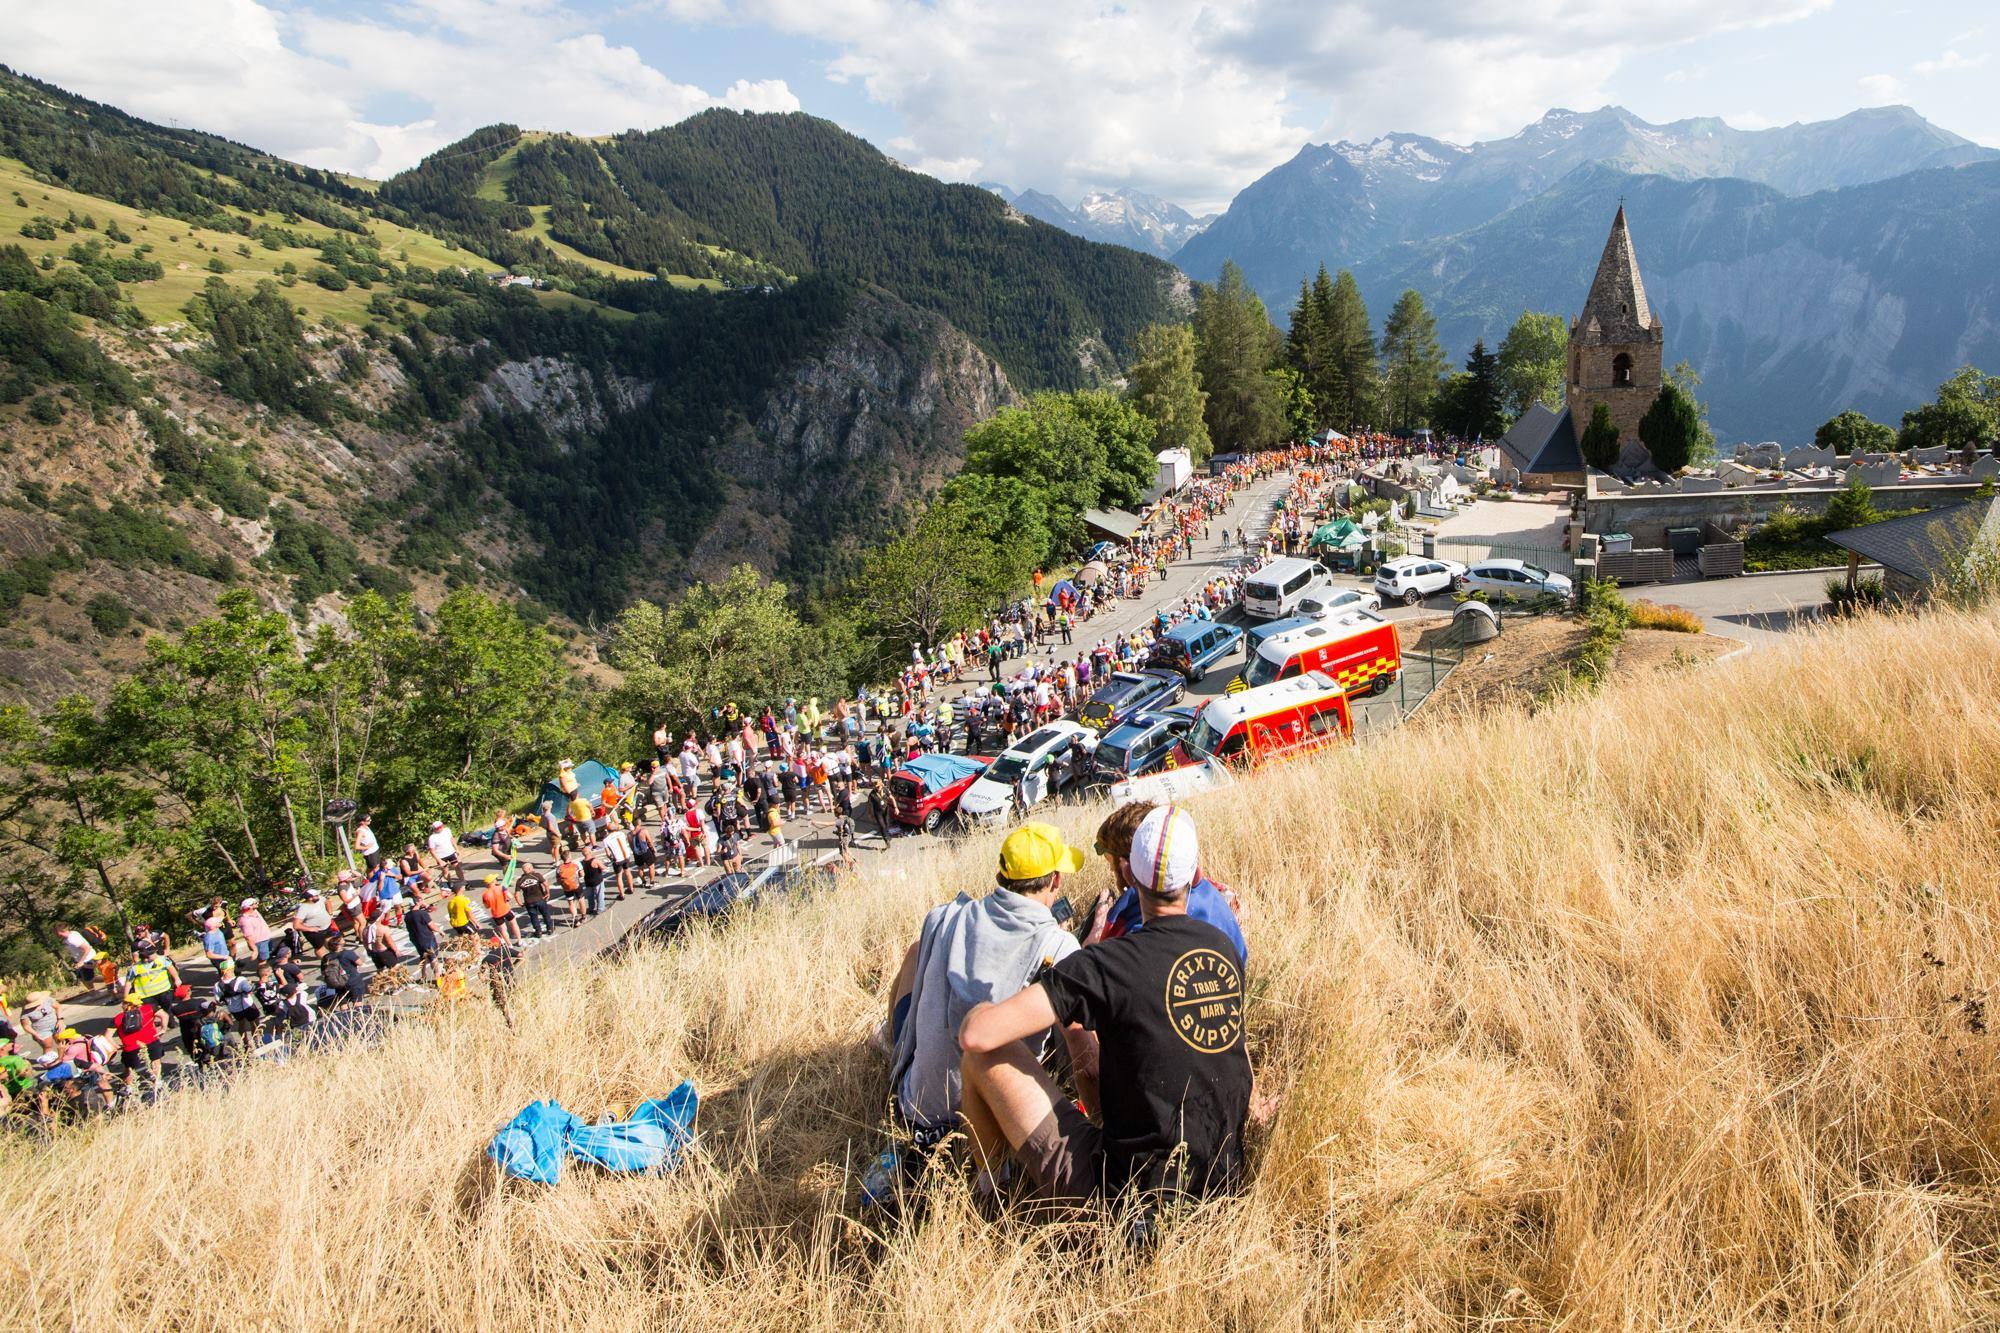 Le public était une nouvelle fois au rendez-vous dans le grimpée de l'Alpe d'Huez.